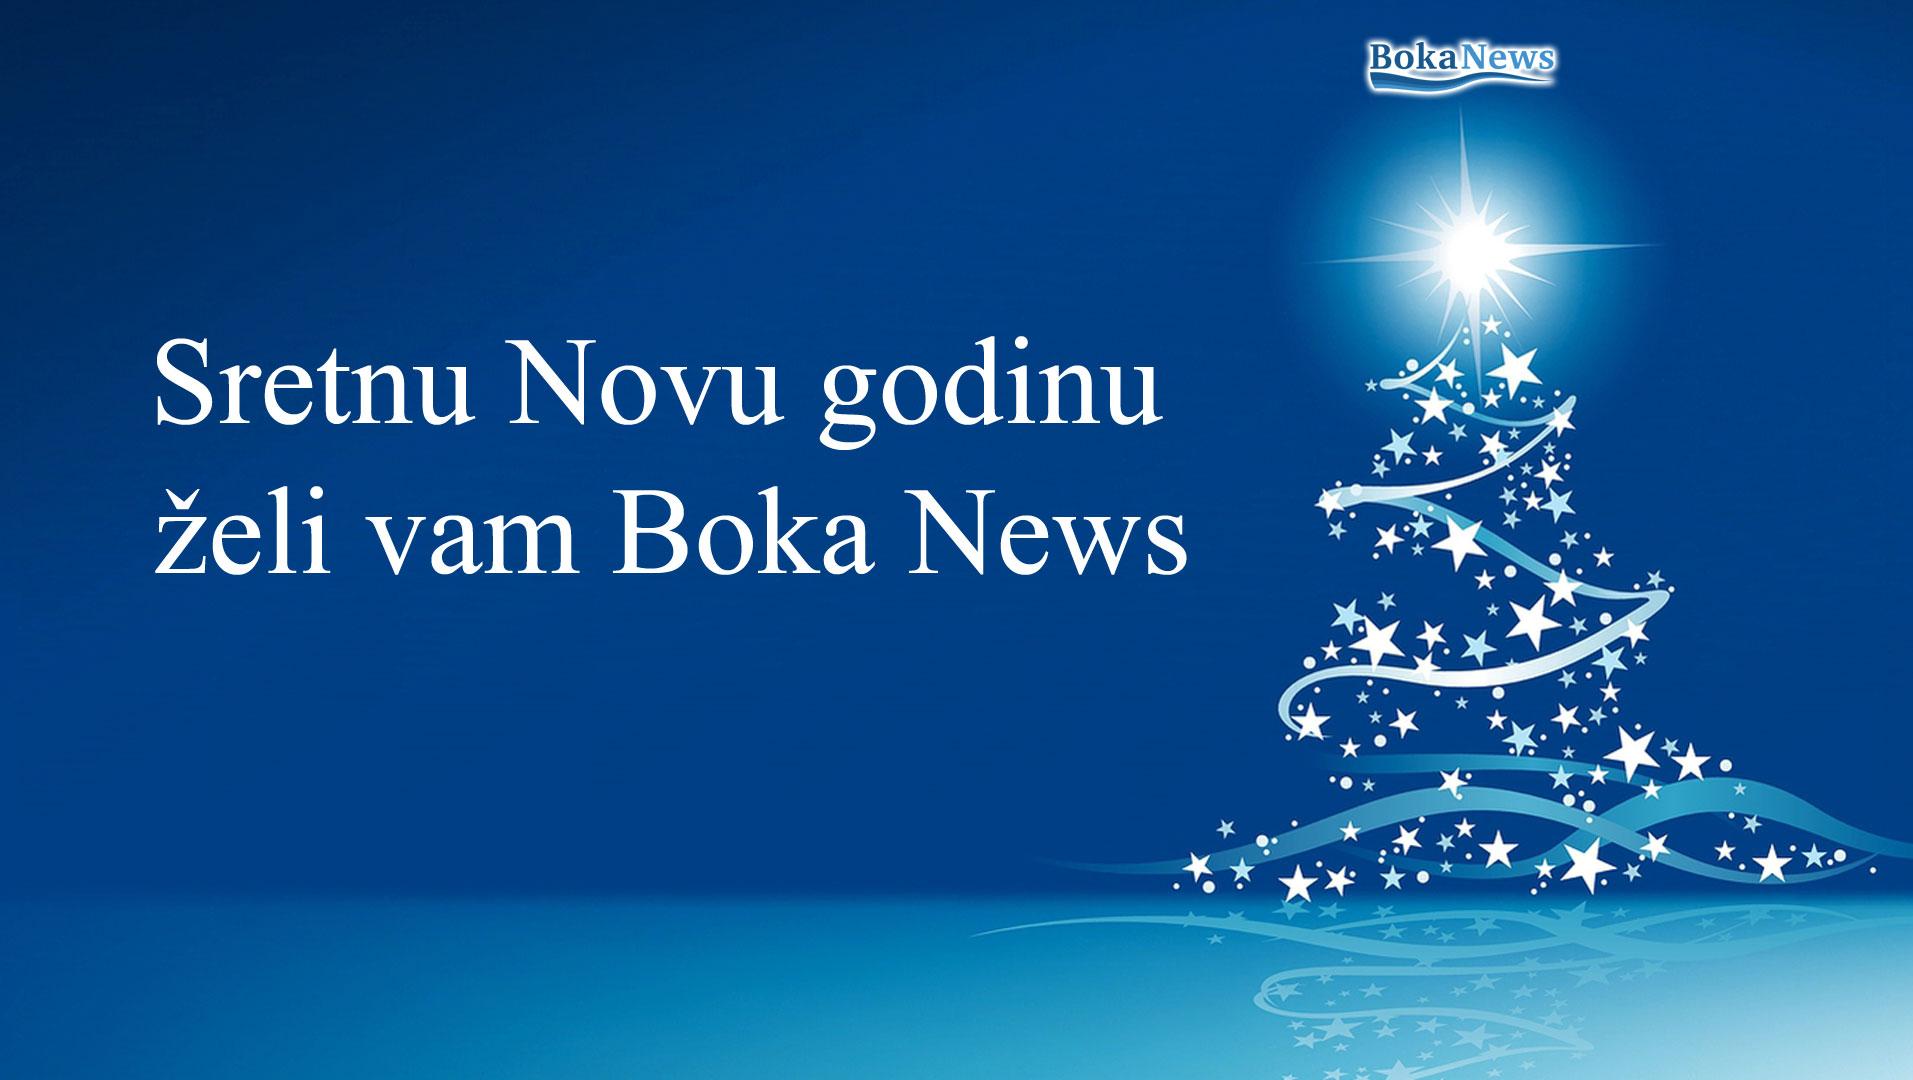 Sretna Nova godina Boka News